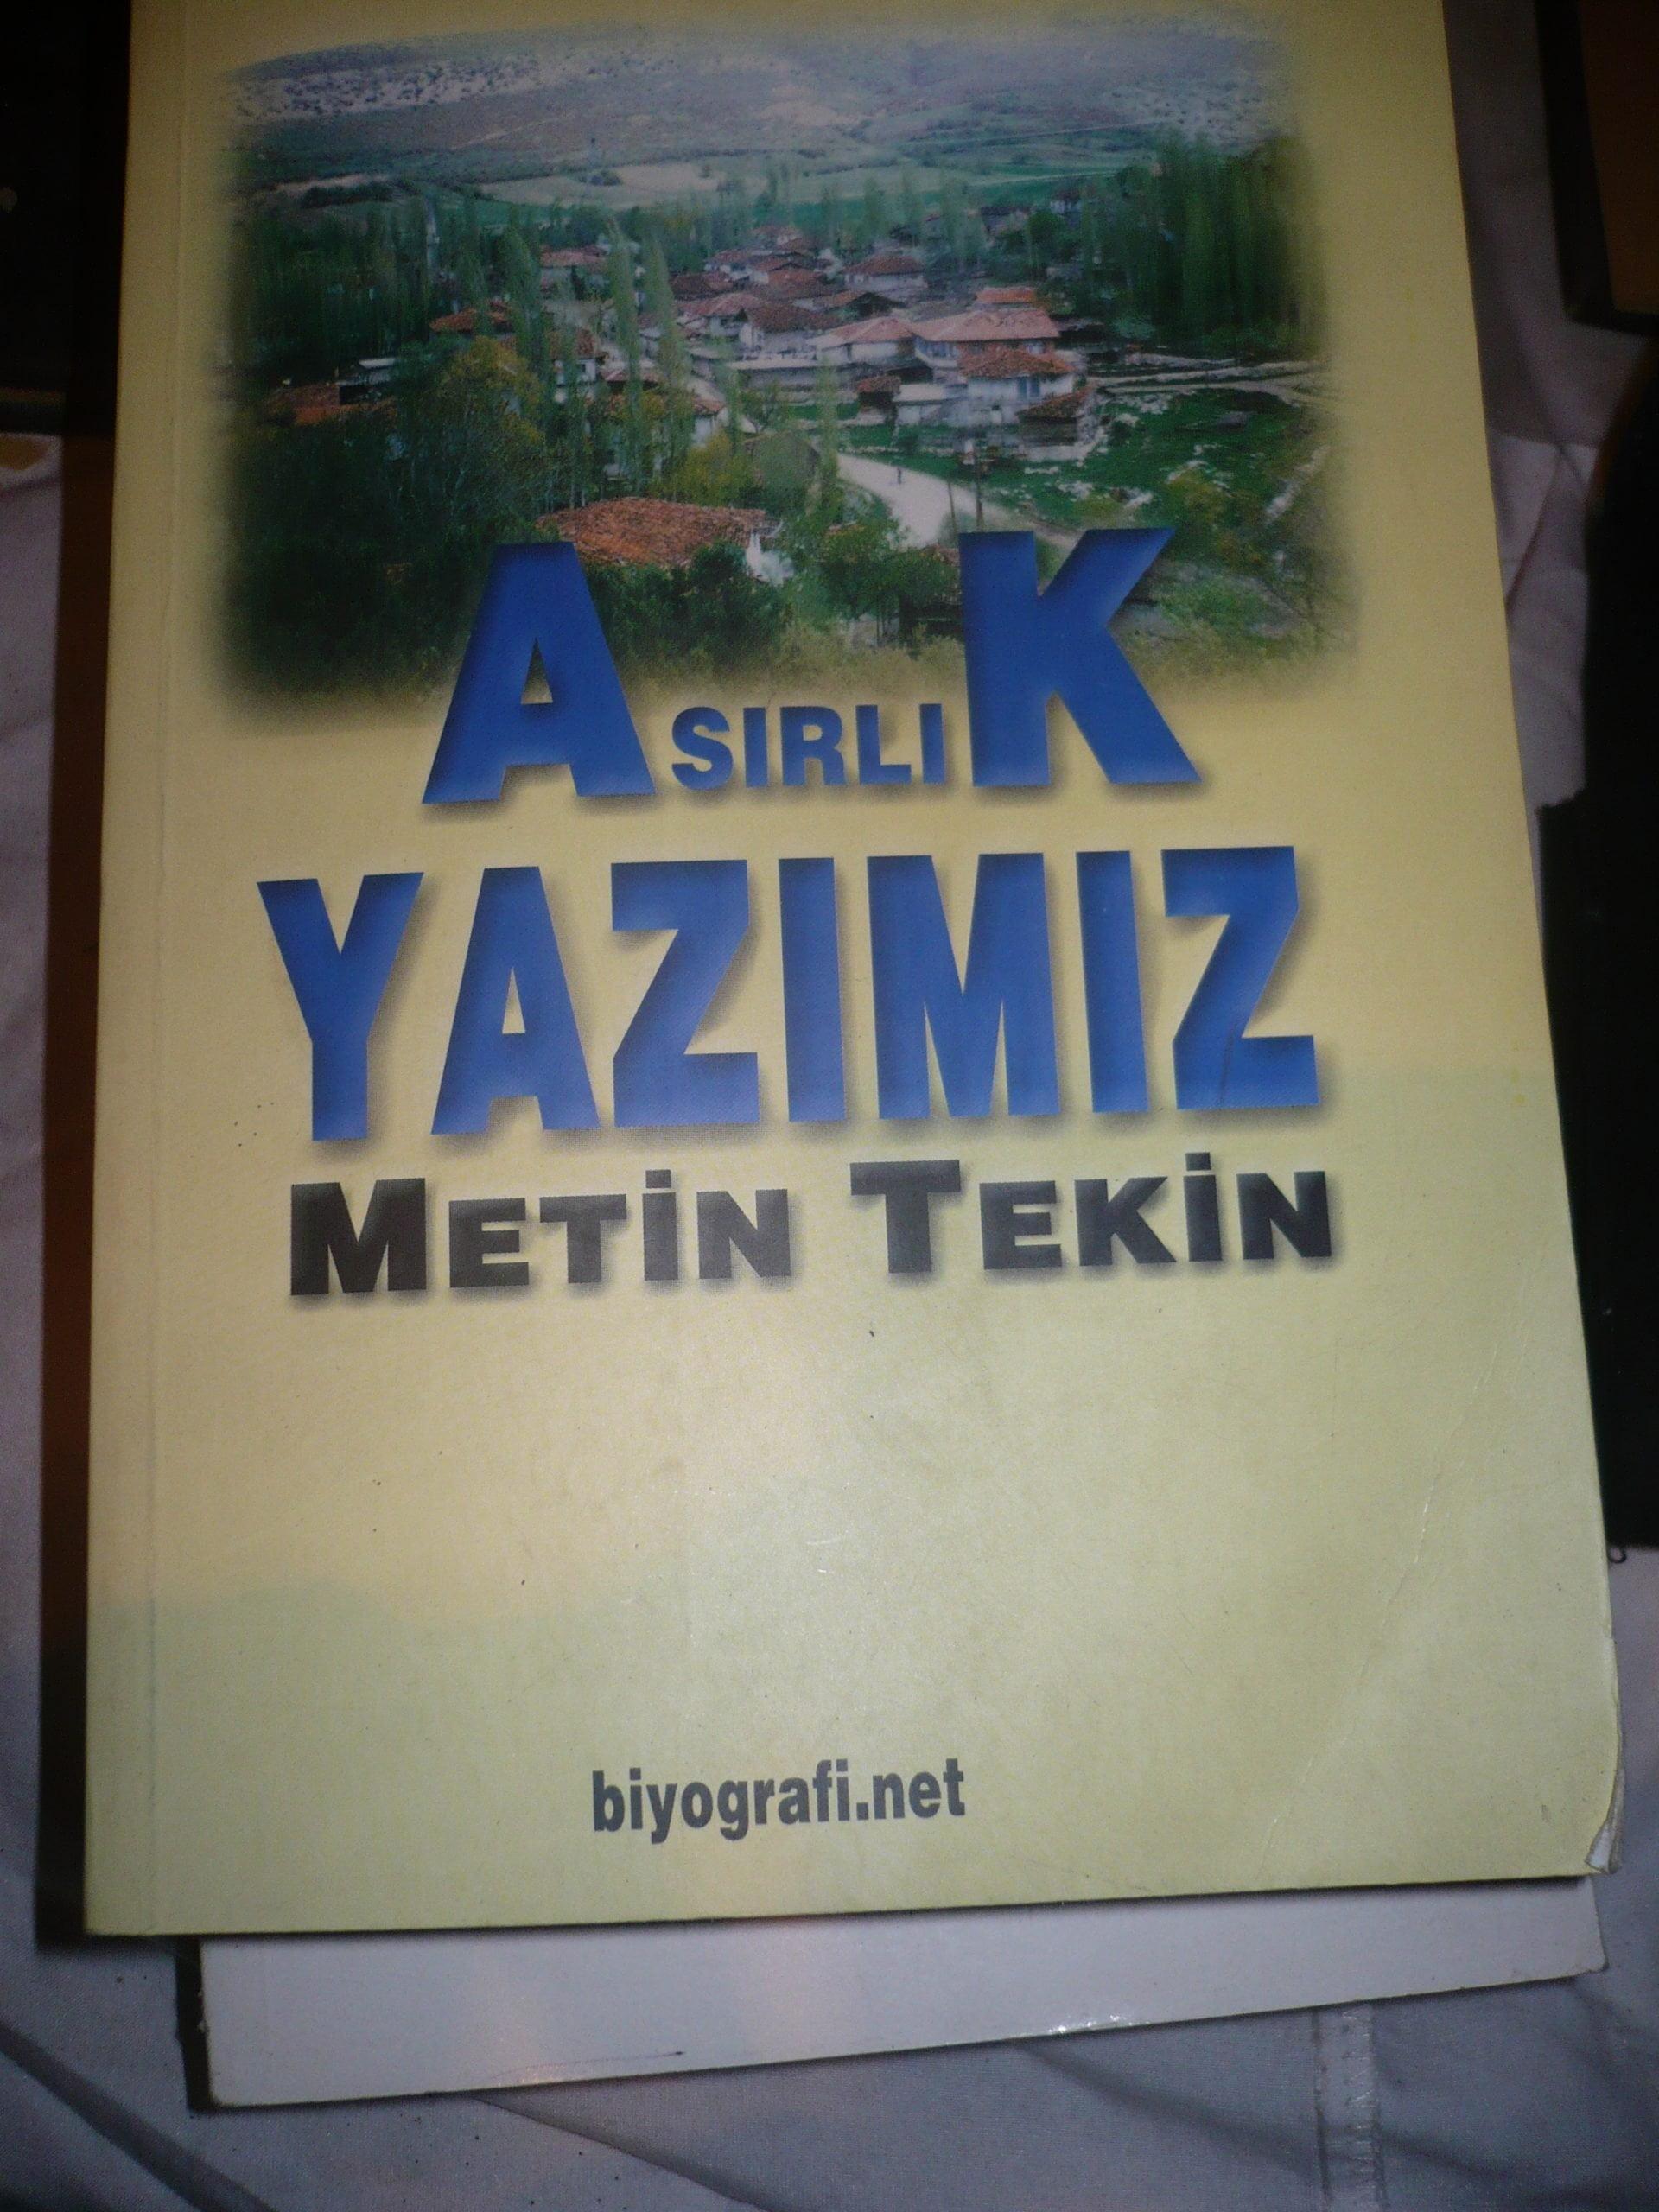 ASIRLIK YAZIMIZ/ Metin TEKİN/25 TL